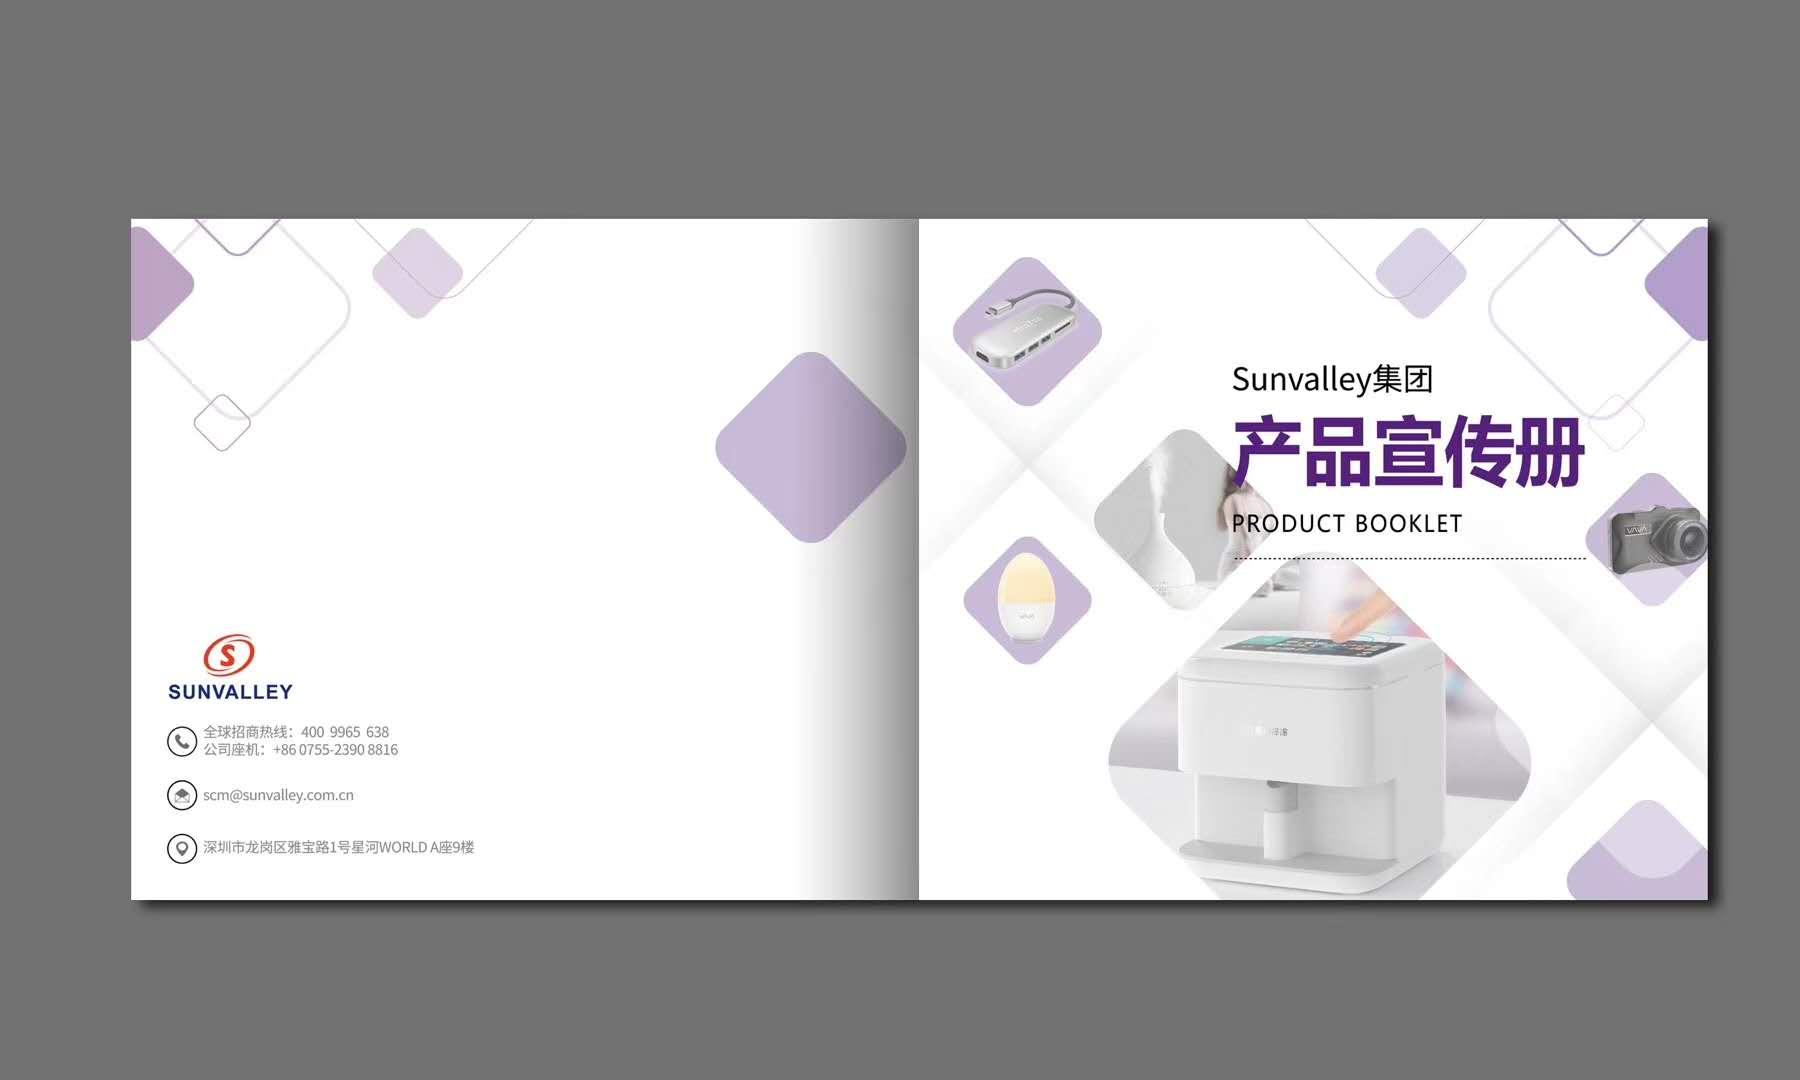 画册设计产品画册企业宣传册设计招商手册公司画册排版设计工业